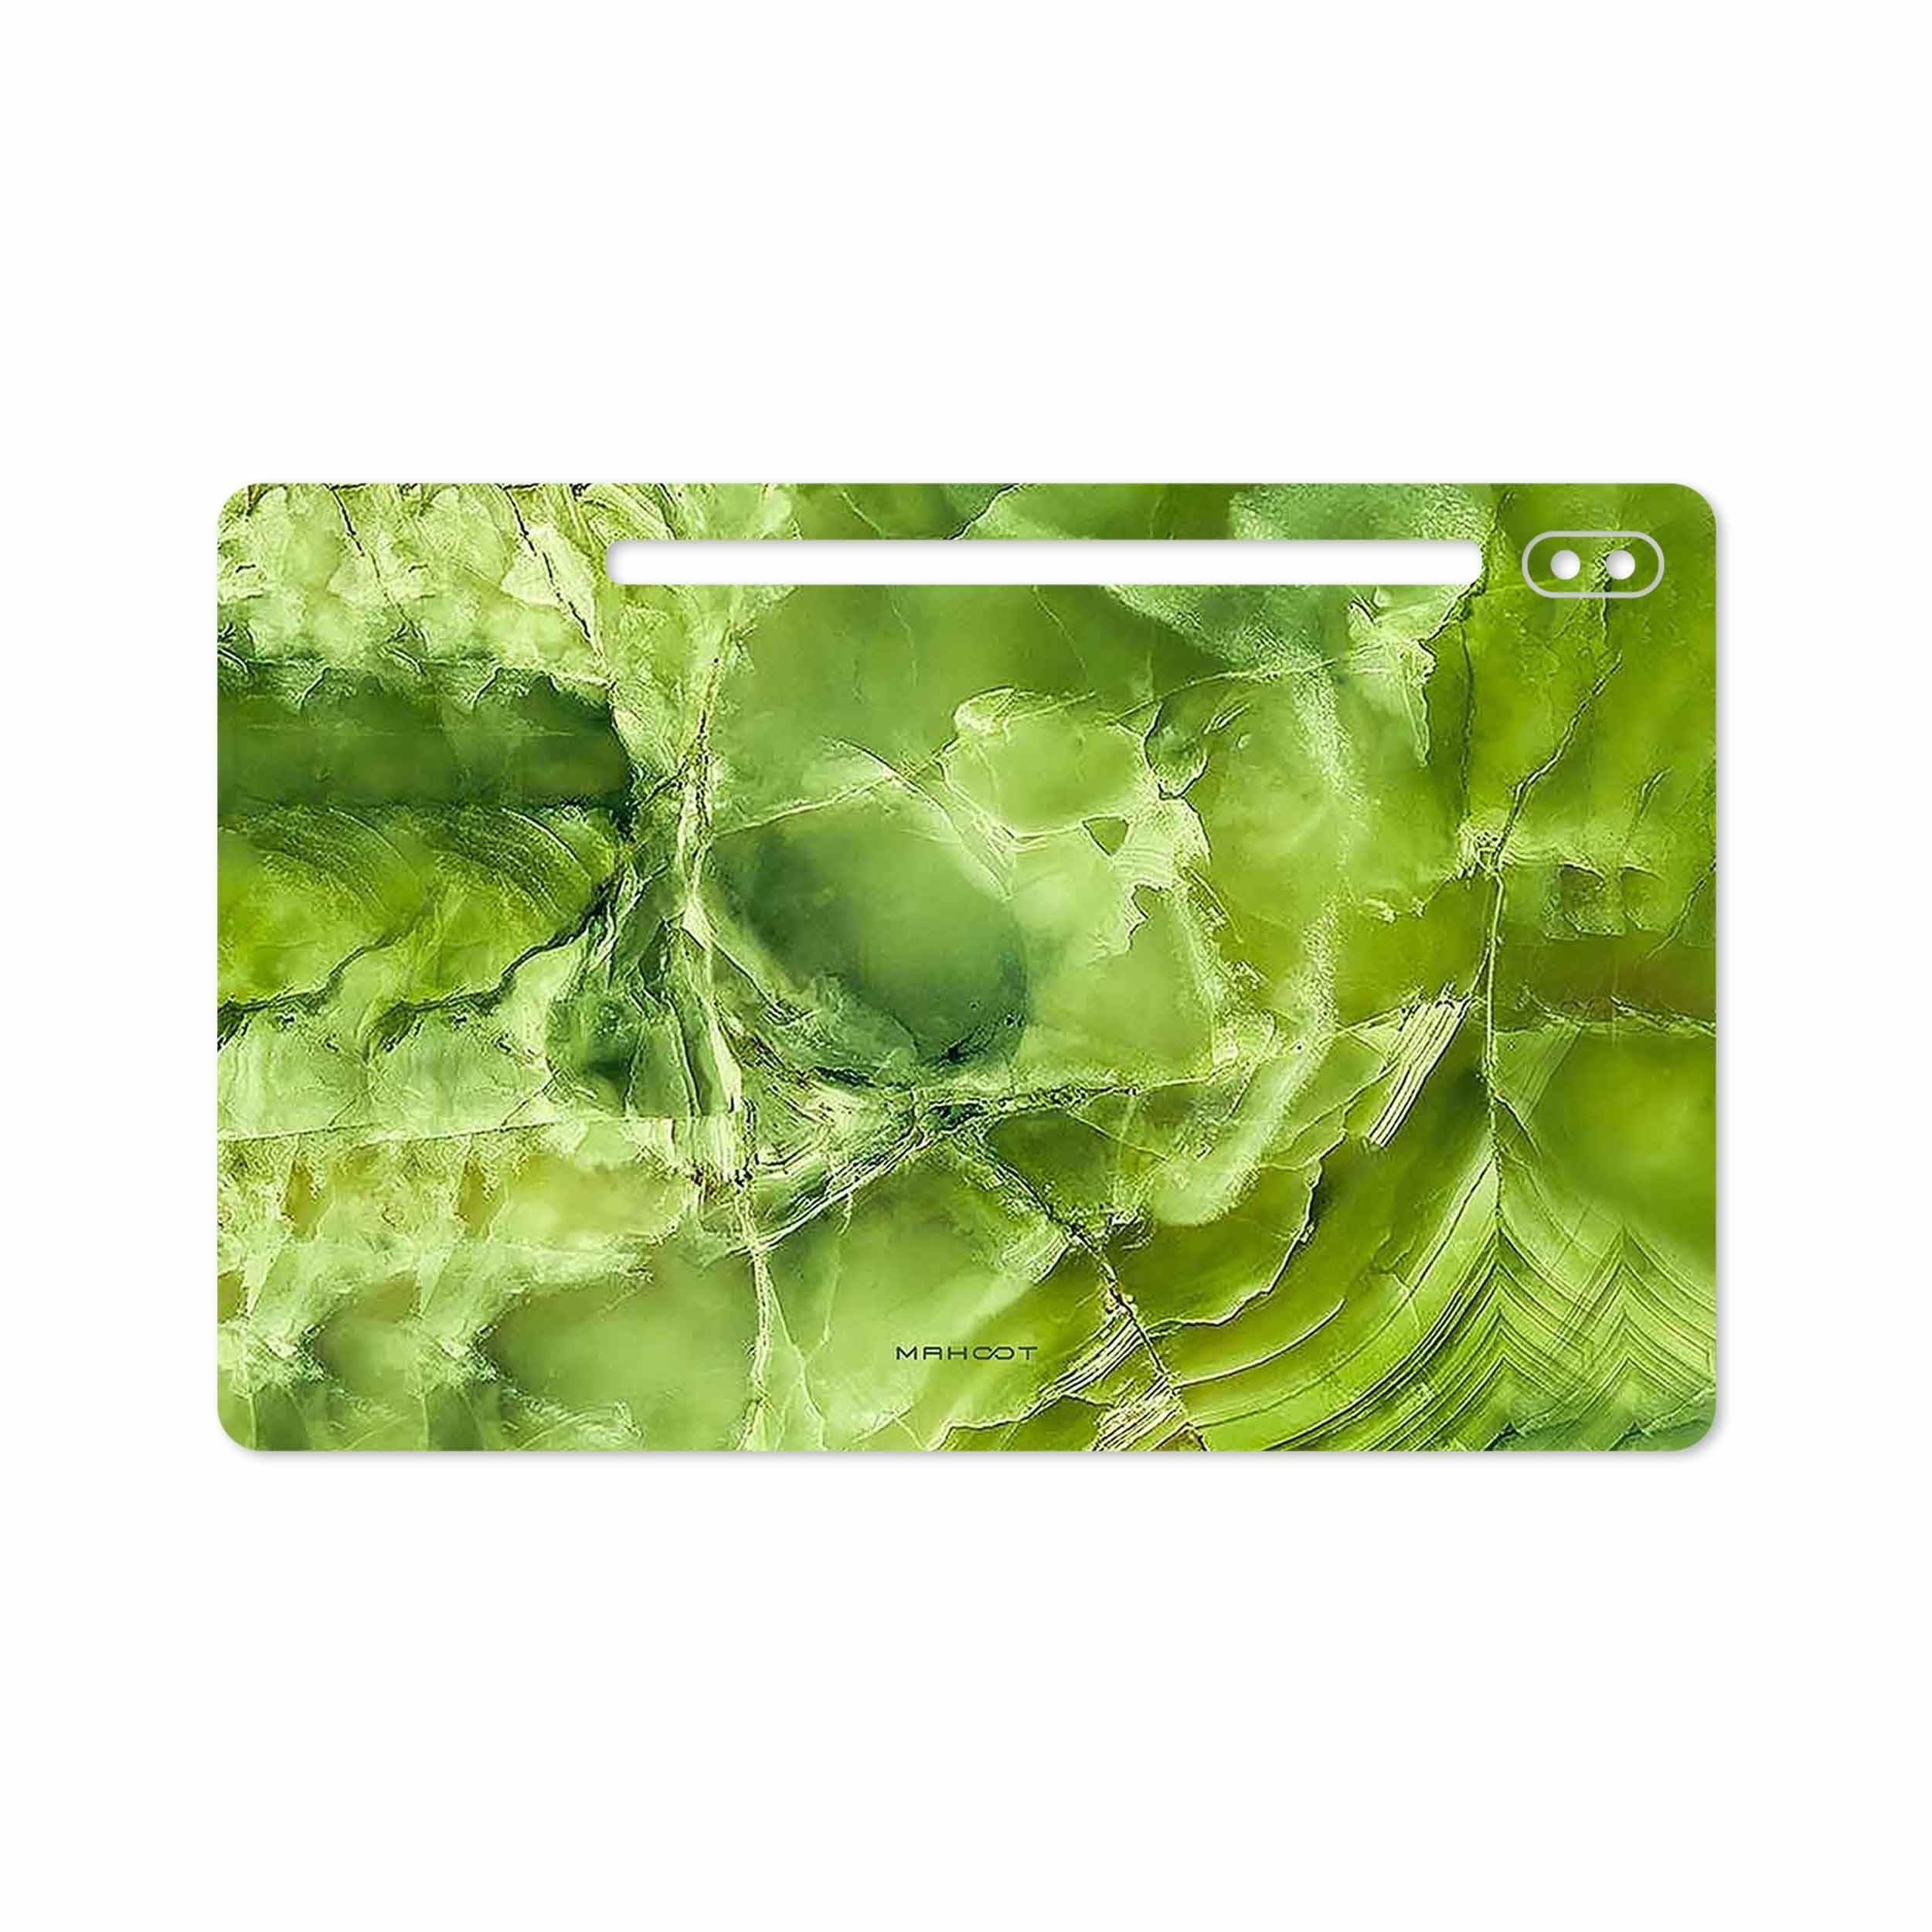 بررسی و خرید [با تخفیف]                                     برچسب پوششی ماهوت مدل Green Crystal Marble مناسب برای تبلت سامسونگ Galaxy Tab S6 2019 SM-T865                             اورجینال